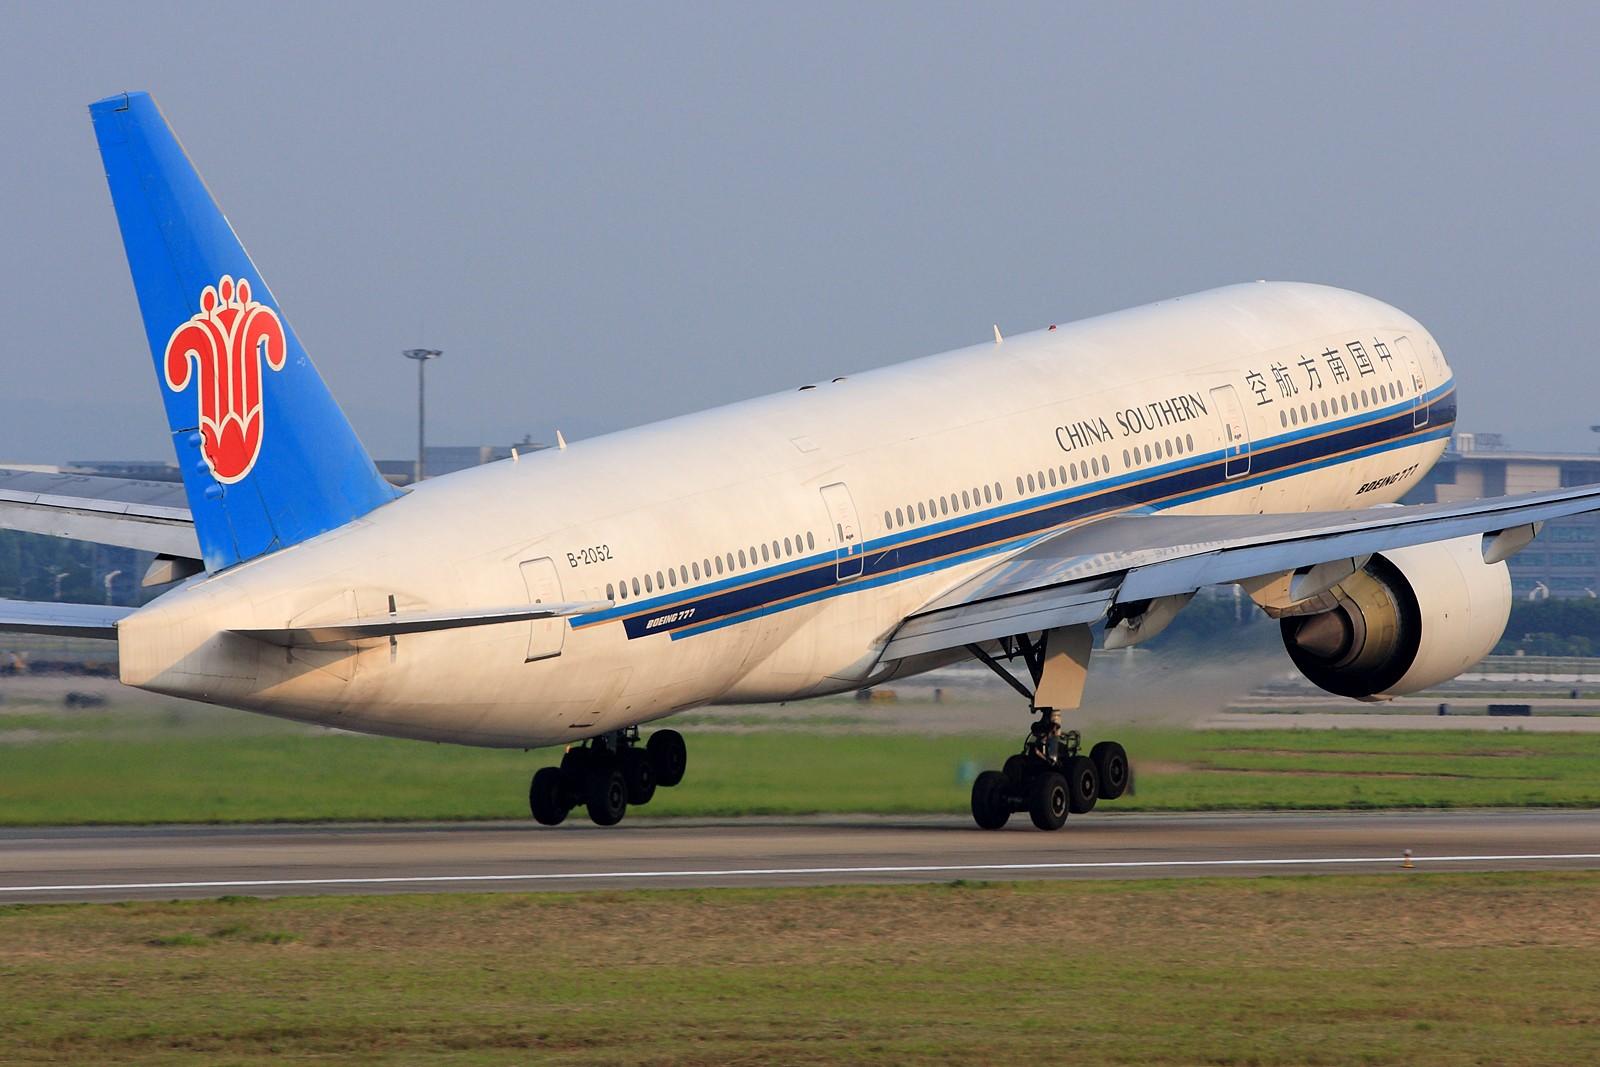 Re:[原创]【深圳飞友会】拍飞机的苦与乐,劳动成果与大家分享!10张图全部1600×1067奉献。QR773 CA大猩猩 钢管 小姨 最后2张起飞角度还是不错的! BOEING 777-200 B-2052 中国广州白云机场